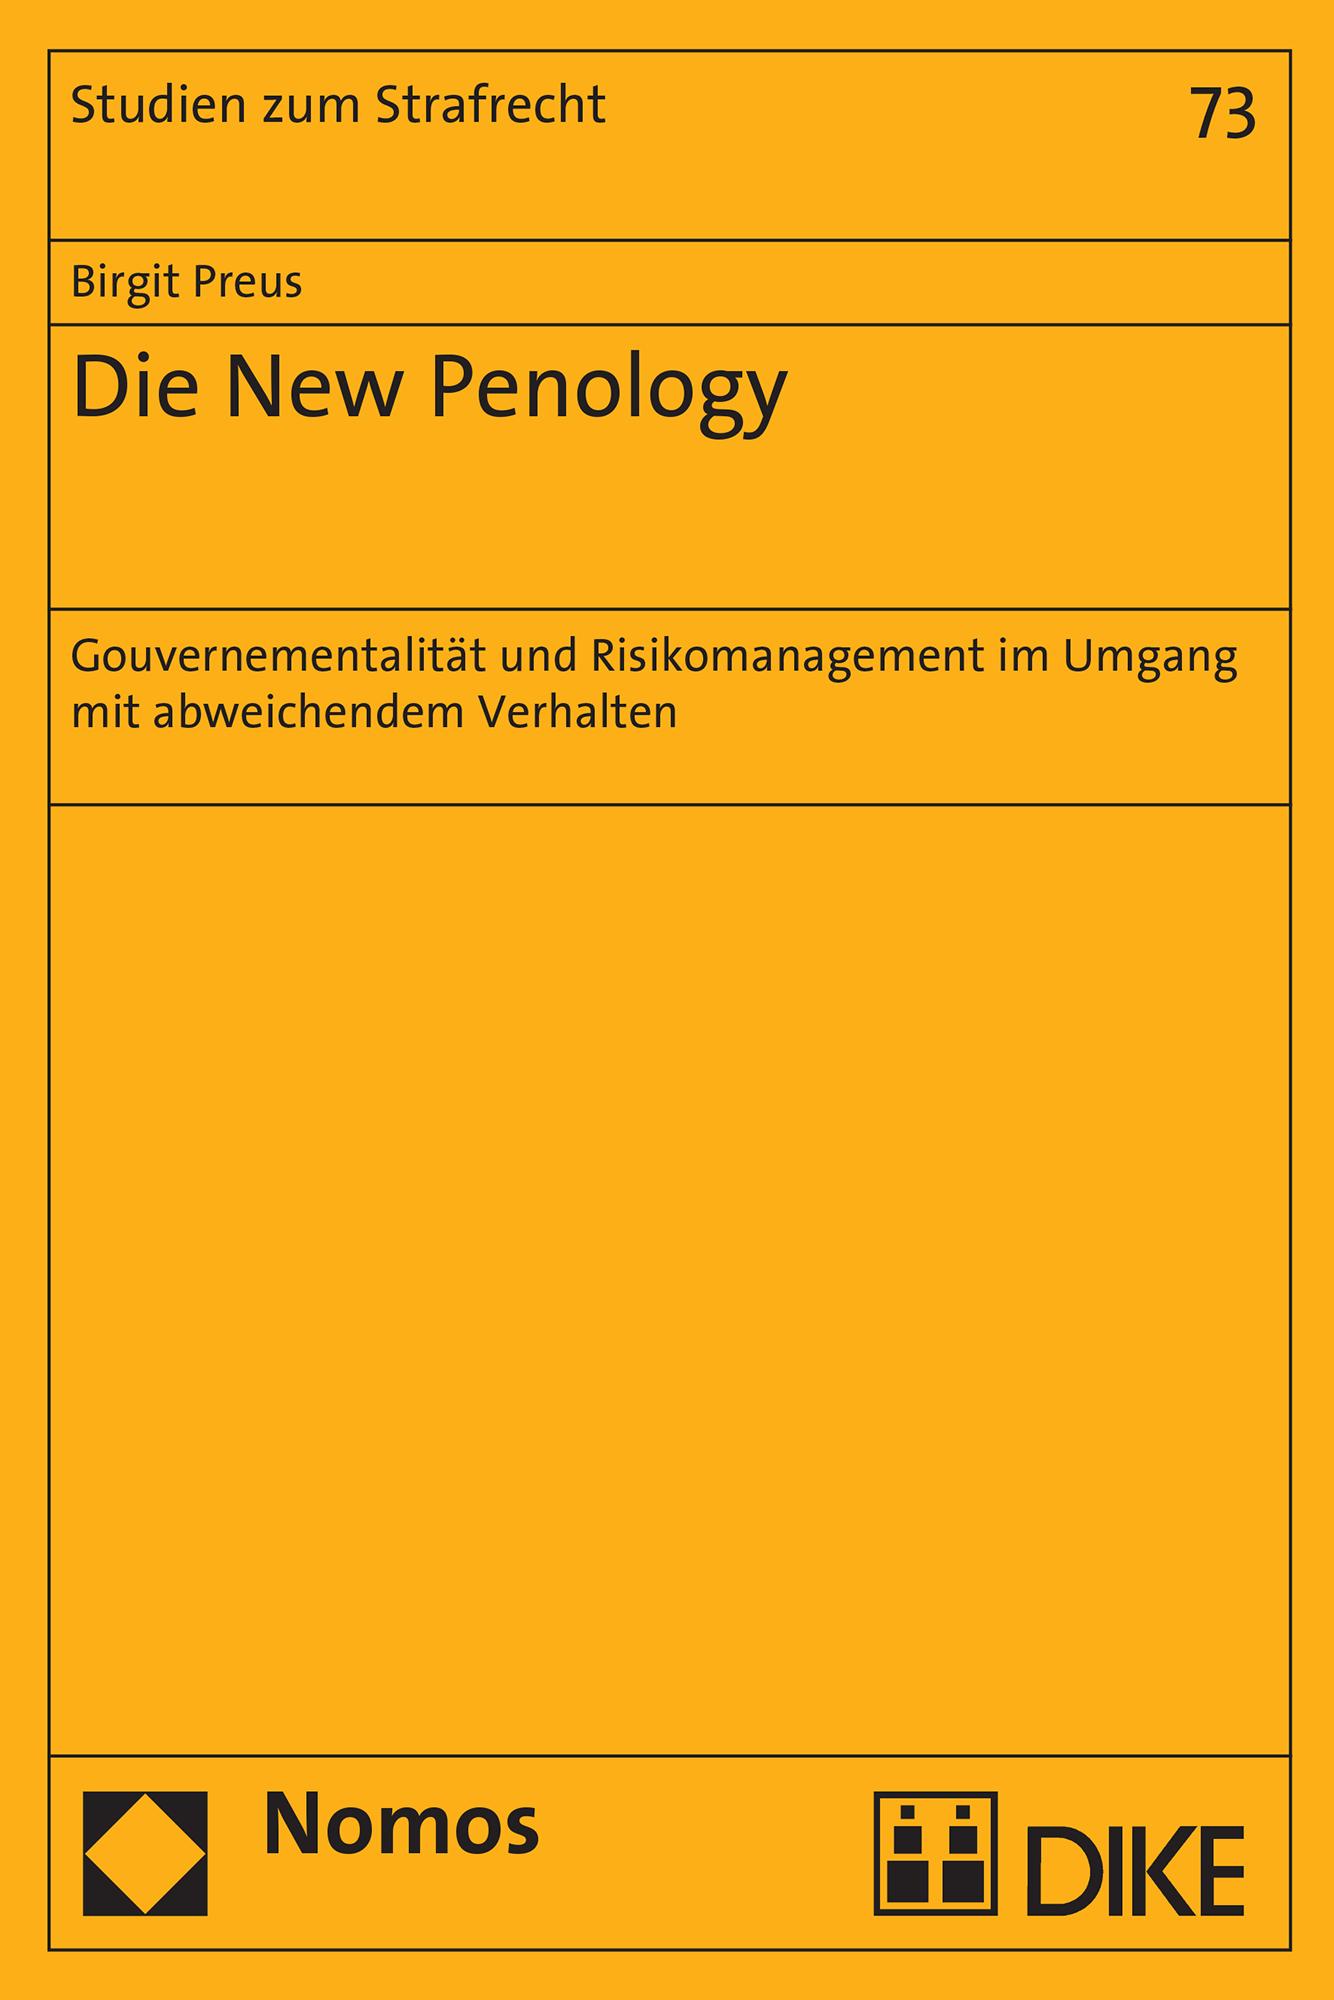 Die New Penology